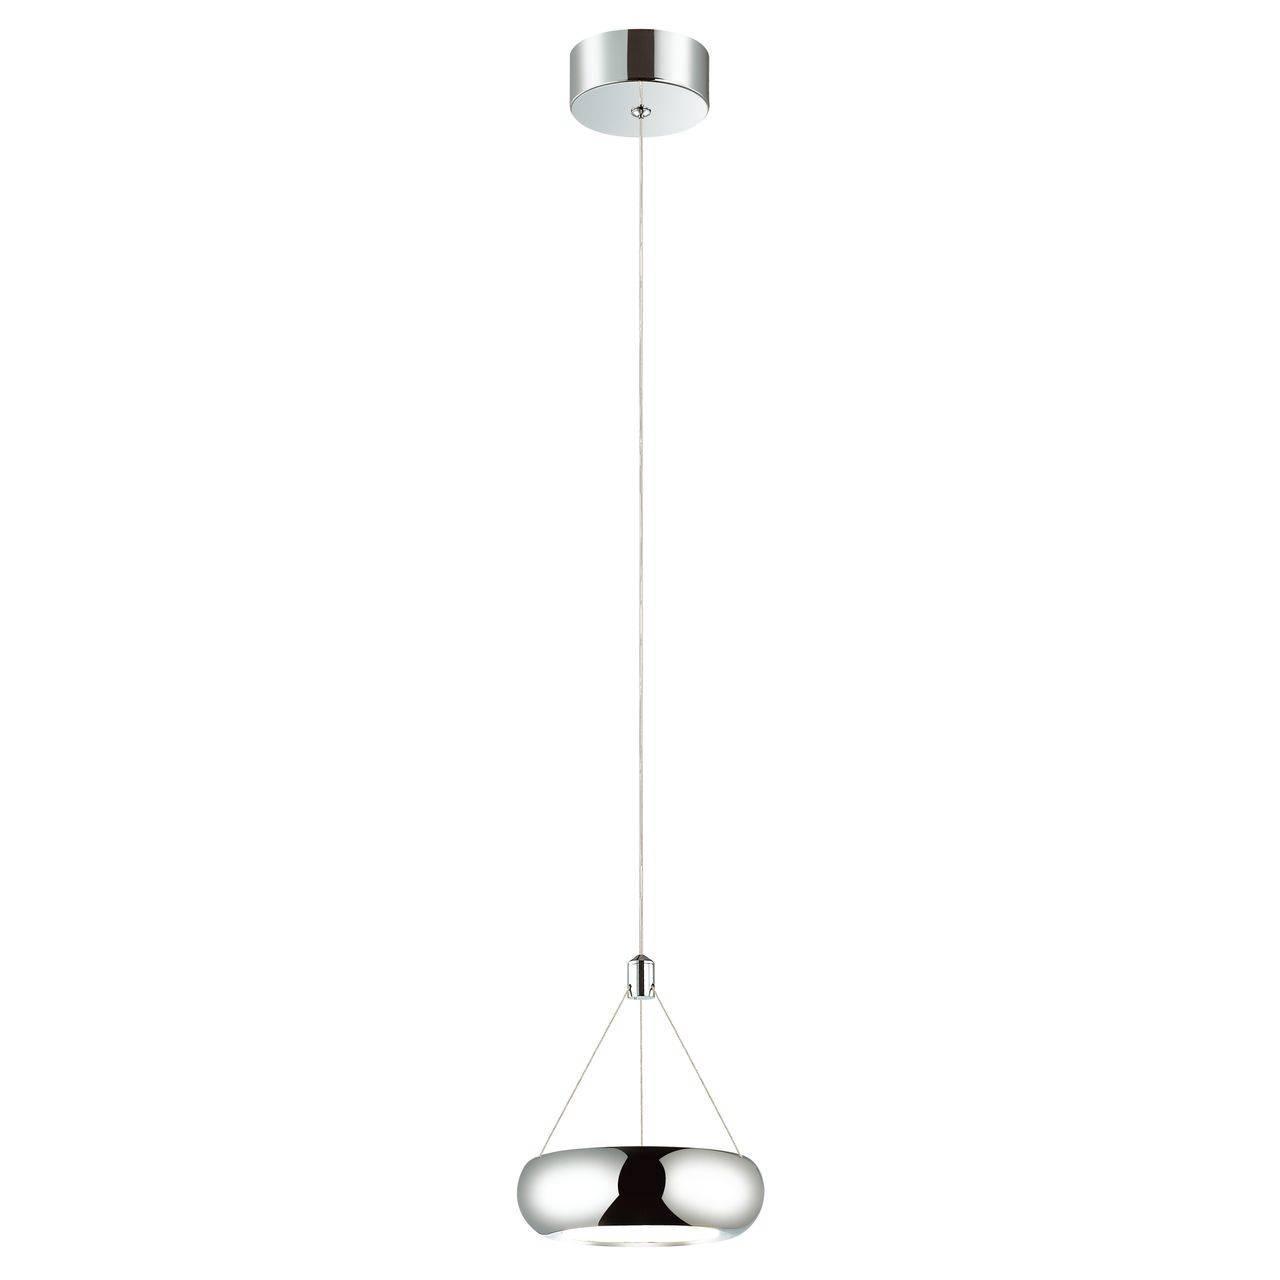 Подвесной светильник Favourite Teller 1700-1P подвесной светильник favourite teller 1700 1p